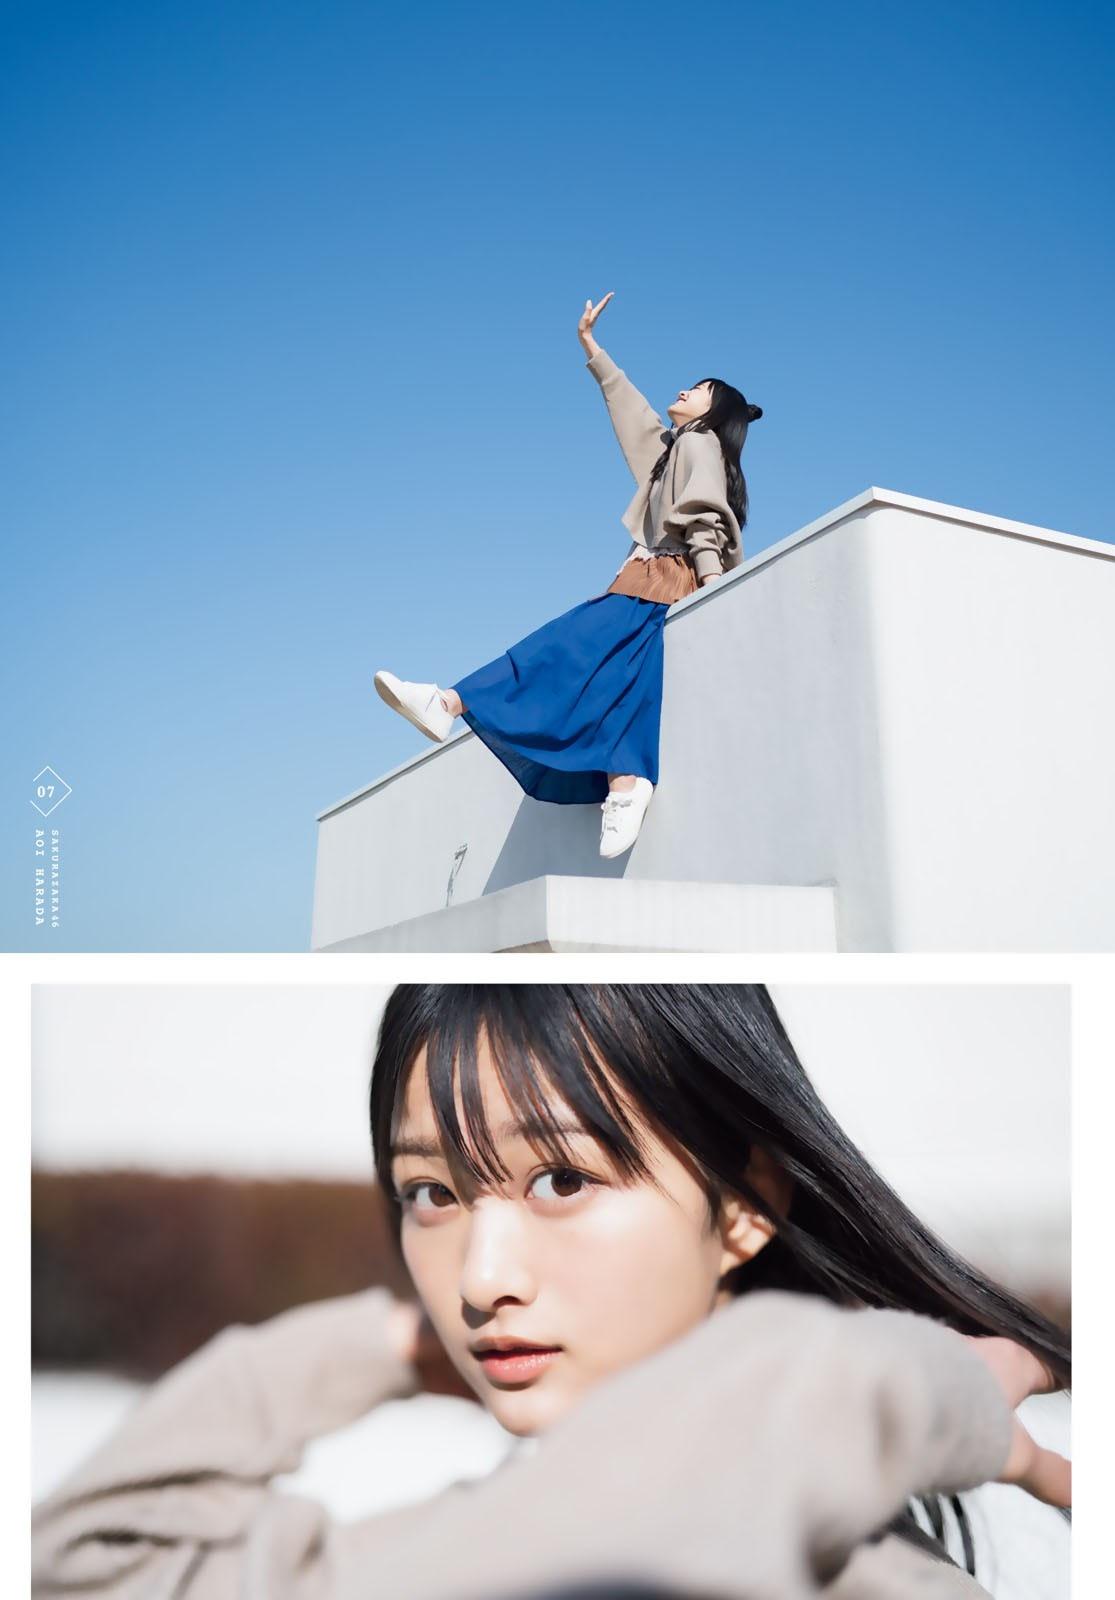 【ダンス】SKEだったくーさんこと矢神久美ちゃん(の幸せを祈りつつSKEメンバーをなでるスレ)☆352【にゃはっぴー】 YouTube動画>19本 ->画像>1299枚